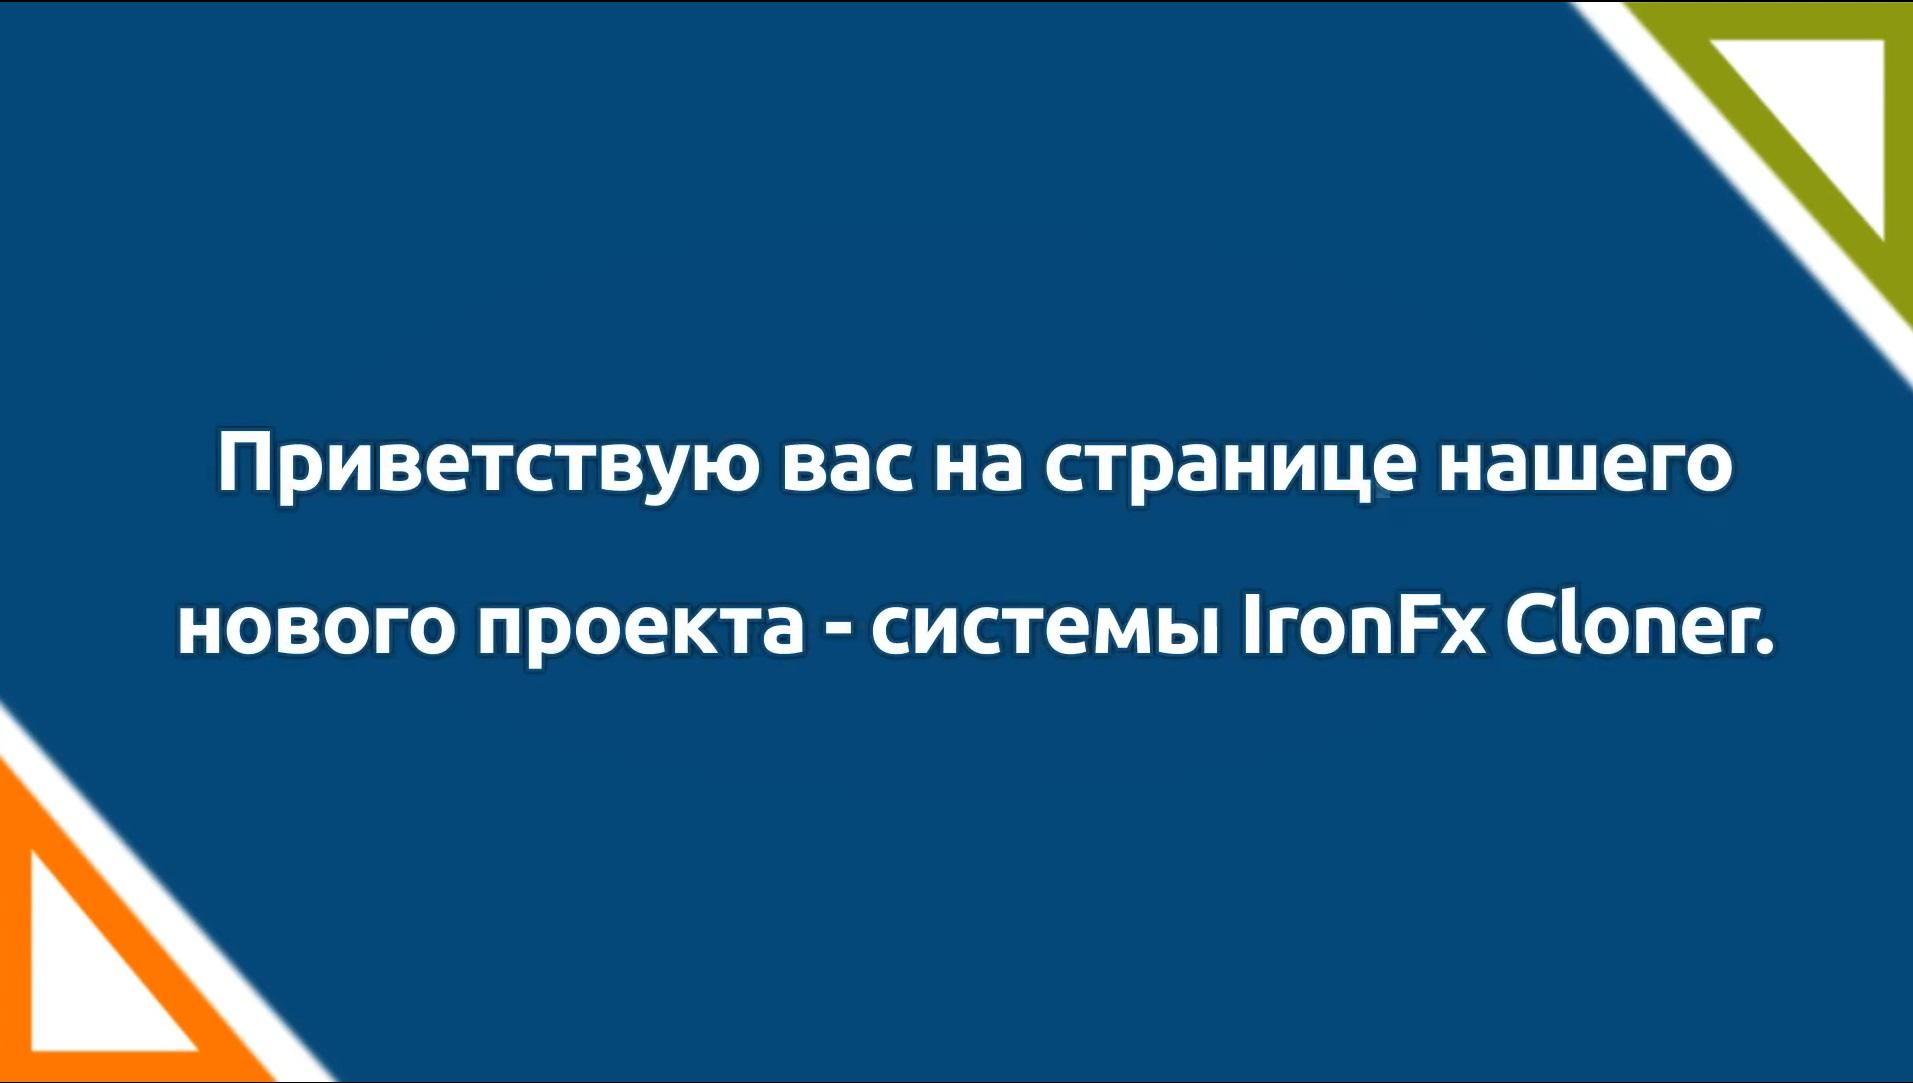 IronFx Cloner